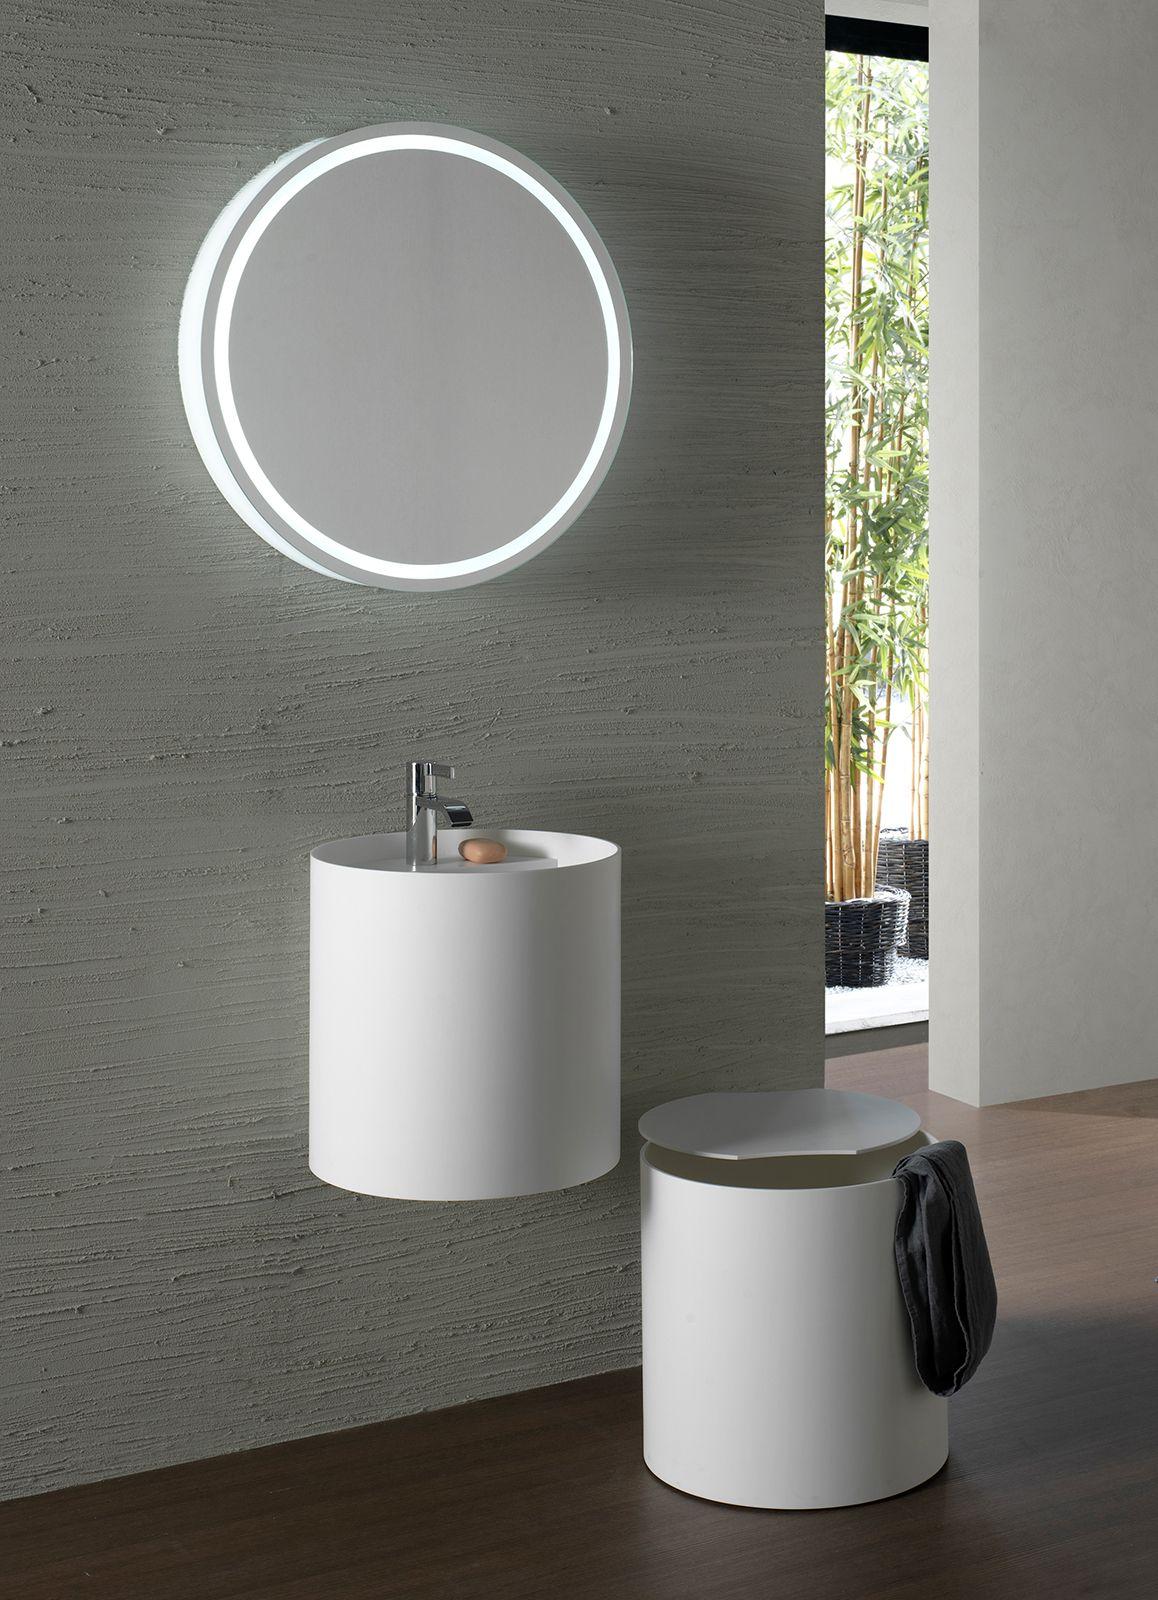 Specchio Bagno Retroilluminato Prezzi.Specchi Per Il Bagno Specchi Bagno Bagno E Specchi